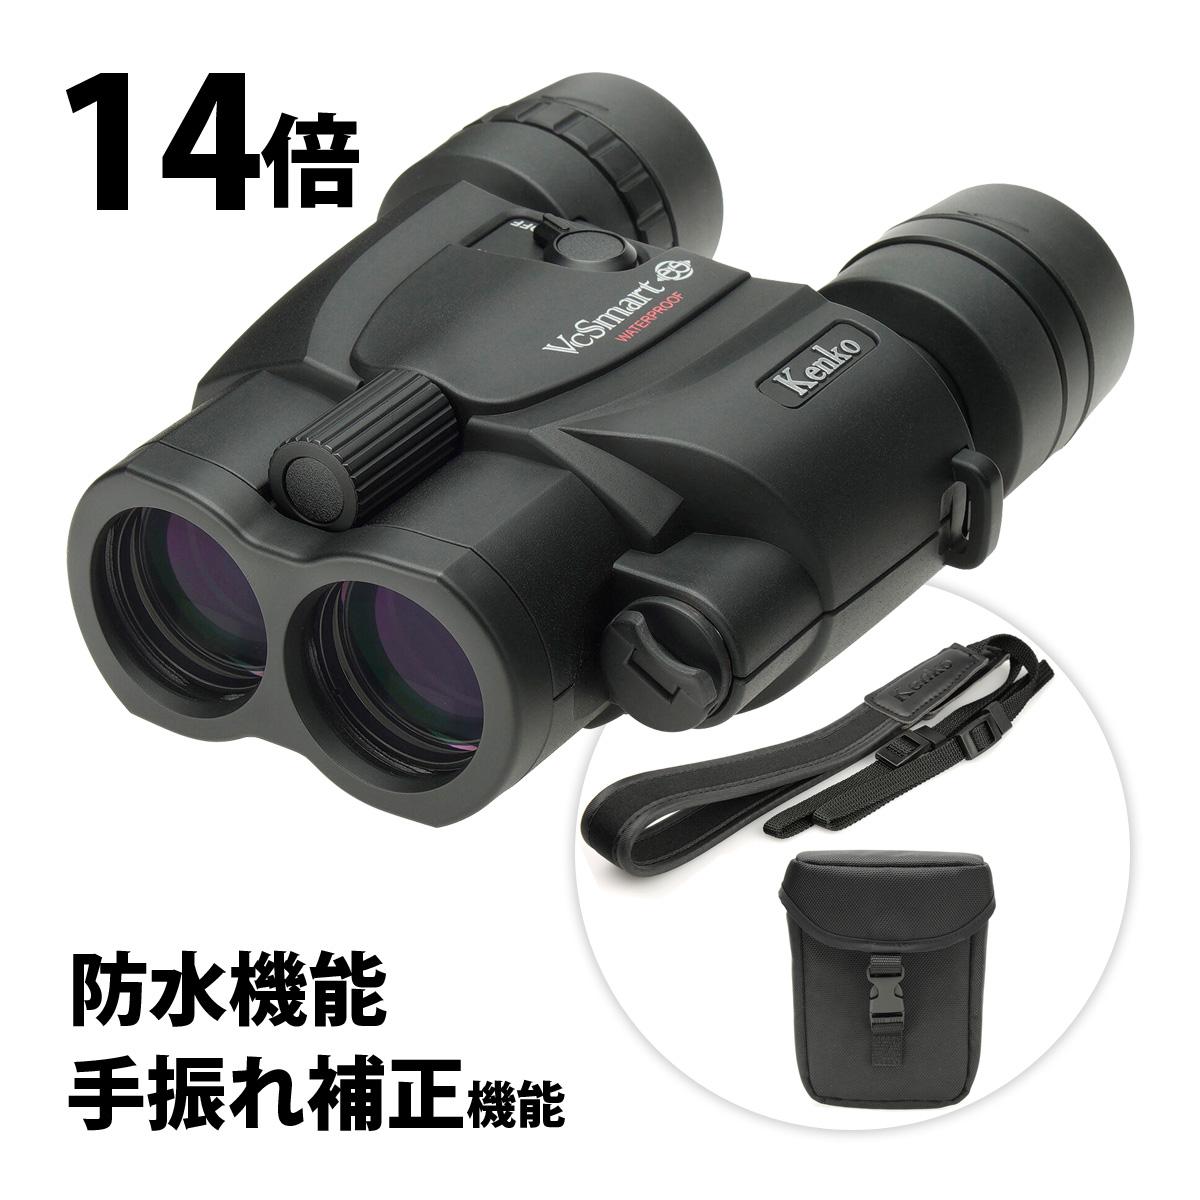 双眼鏡 コンサート ドーム おすすめ 防振双眼鏡 VCスマート 14X30 ケンコー スマホ撮影セット コンパクト オペラグラス 観劇 観戦 14倍 30mm